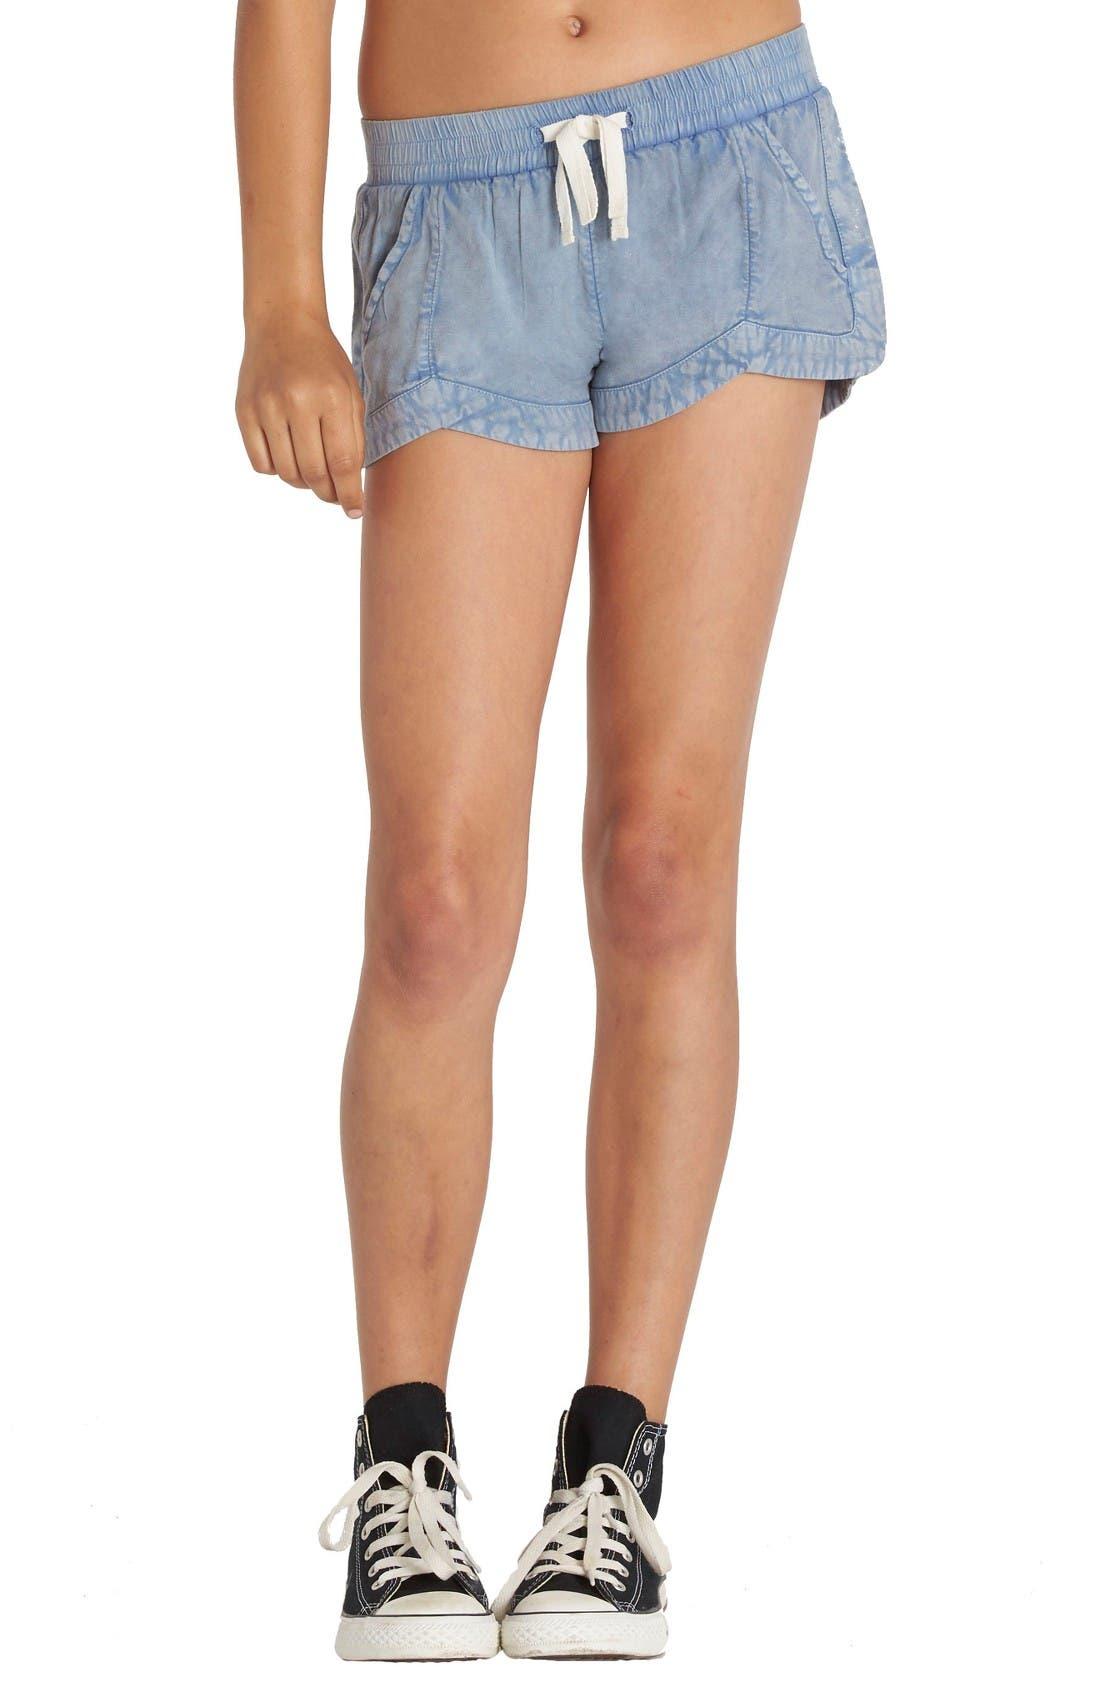 Billabong Made For You Woven Shorts (Little Girls & Big Girls)